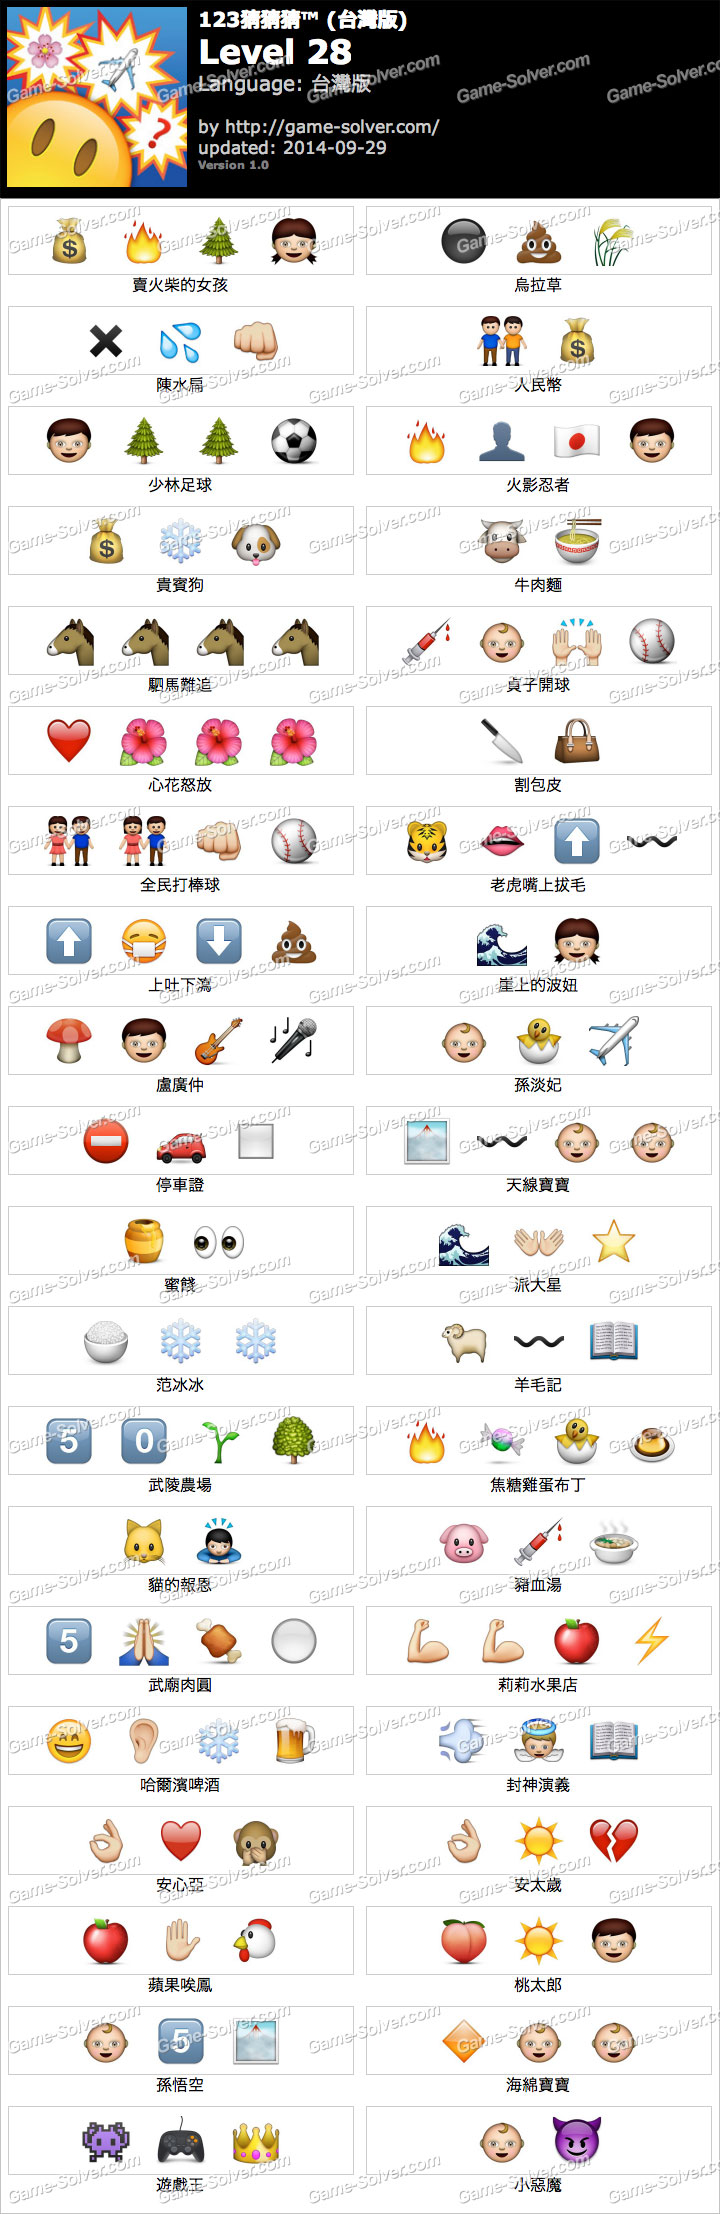 123猜猜猜台灣版答案等級28